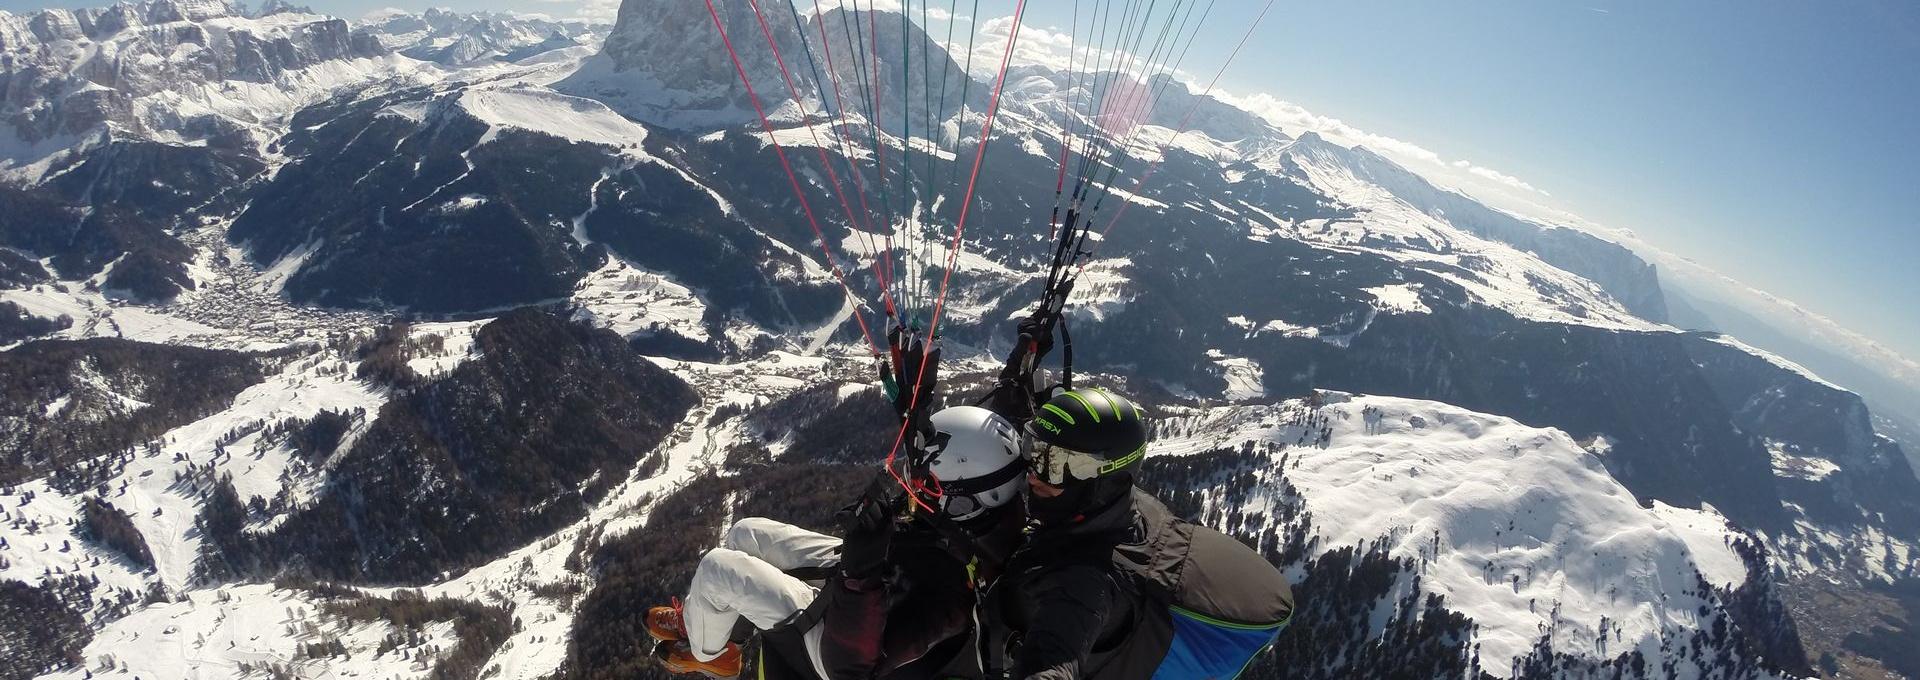 Alps - paragliding Tandem flights